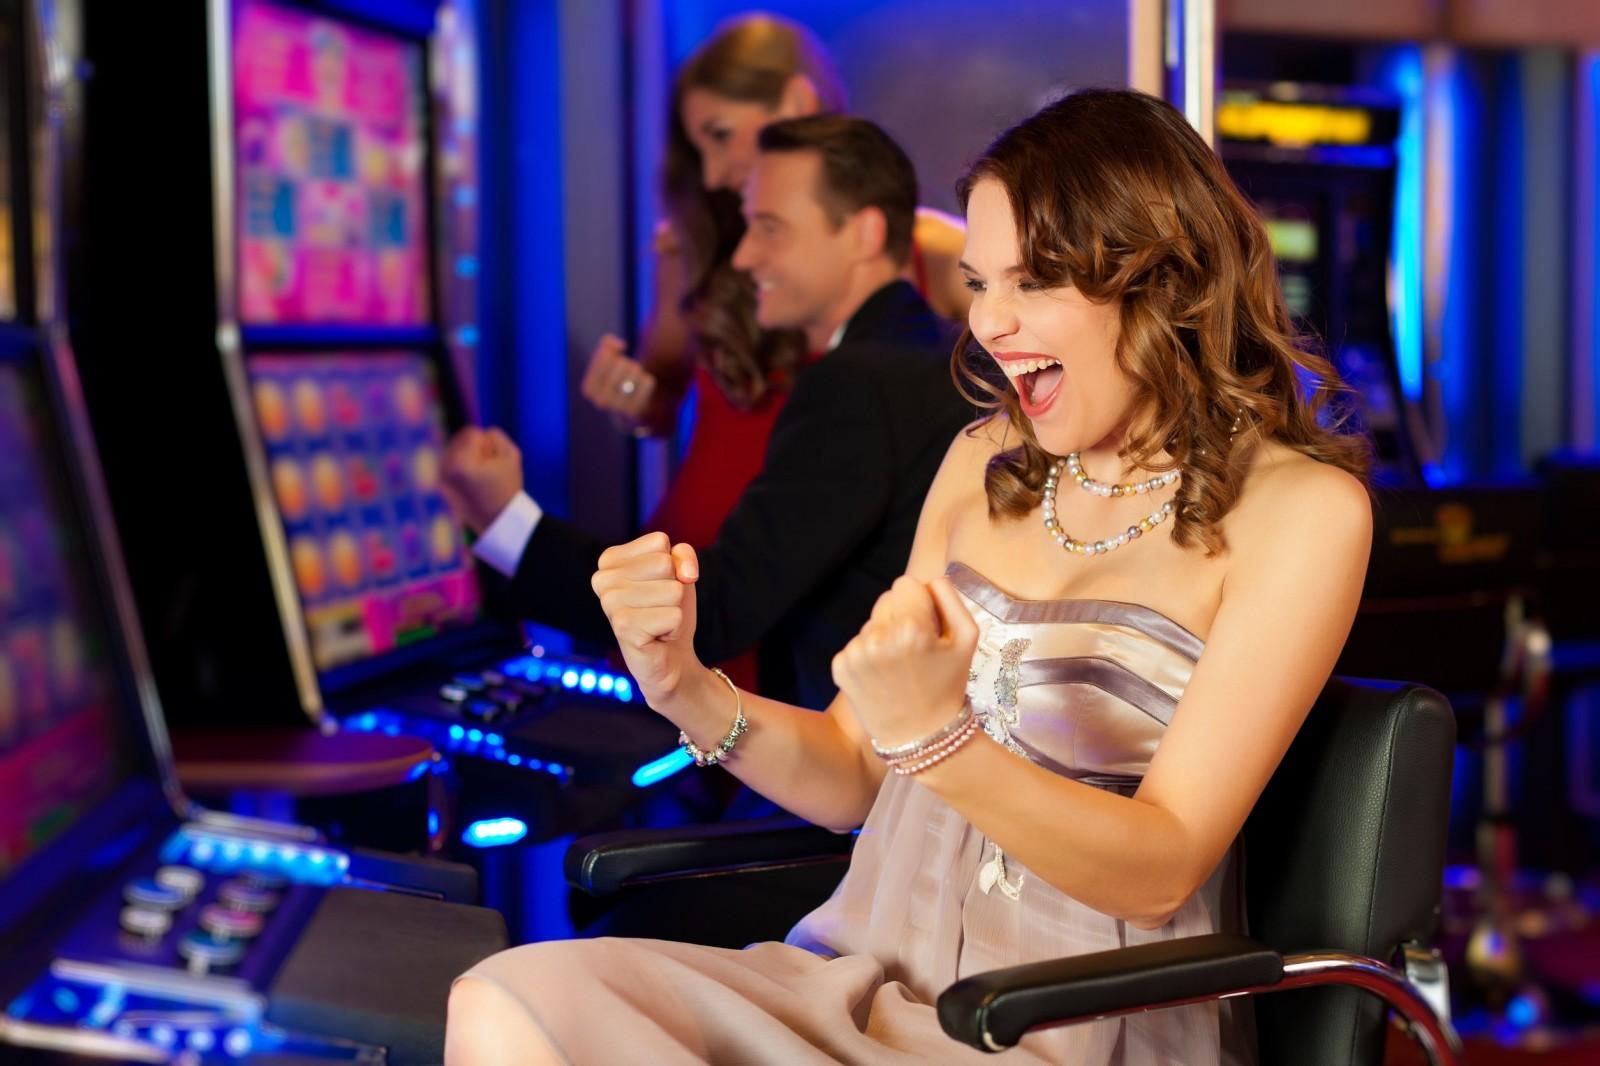 я выигрывал большие суммы в казино азарт плей